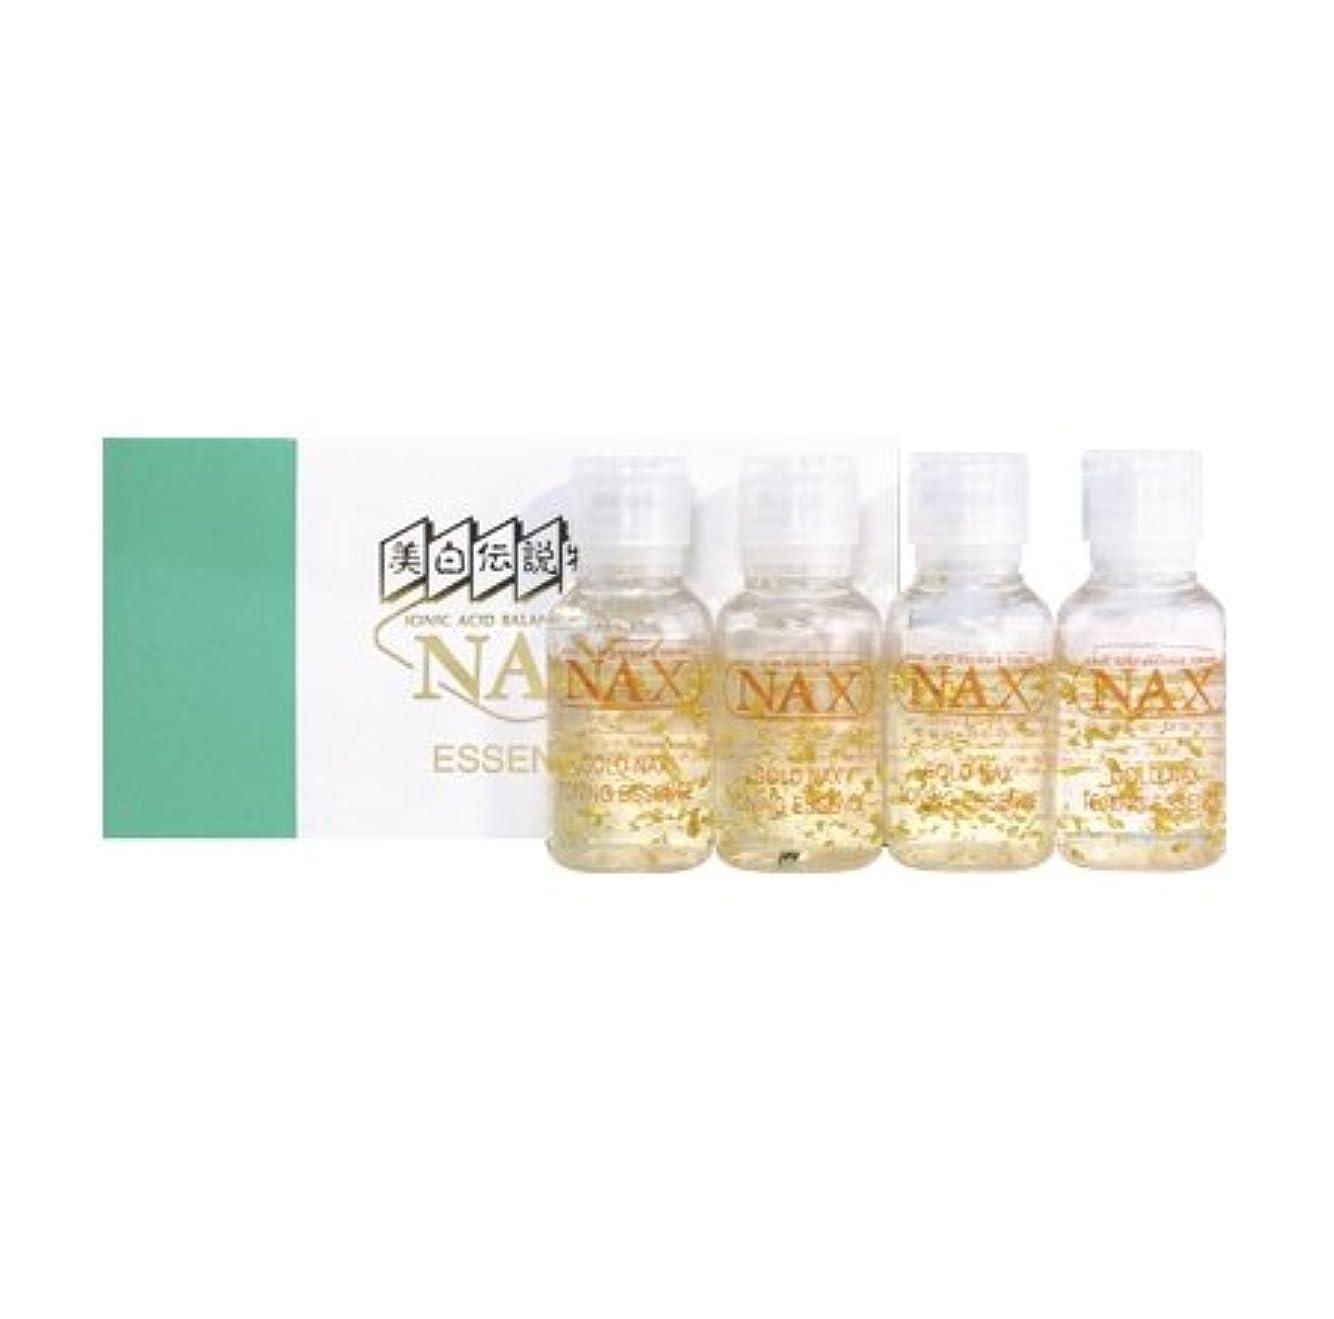 原点一般的な石膏ゴールドコスメ NAX トーニングエッセンス 美容液 超敏感肌用 12.5ml×4本